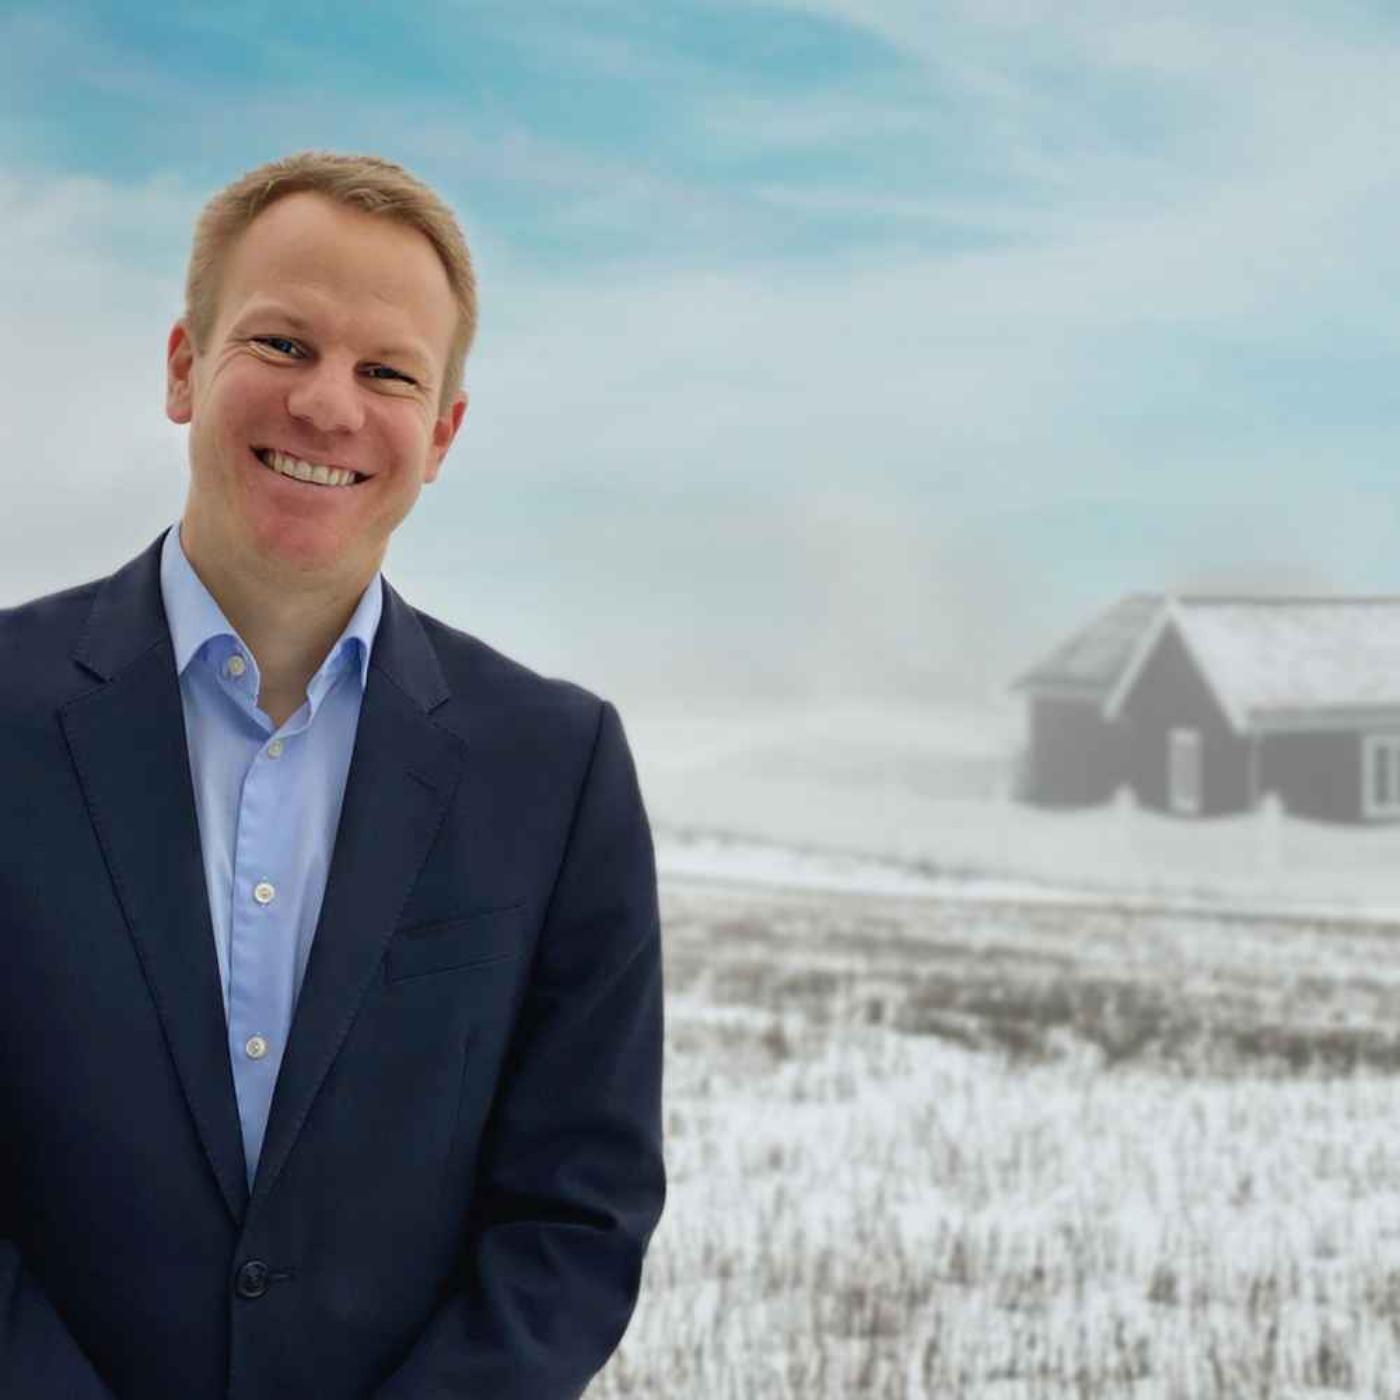 Hvordan verdsetter man store selskaper? Hvor begynner det, og hvor ender det? Ny partner i PwC, Steffen Sommerstad er ekspert på kjøp og salg av virksomheter. Du møter ham i Misjon Vestlandet.